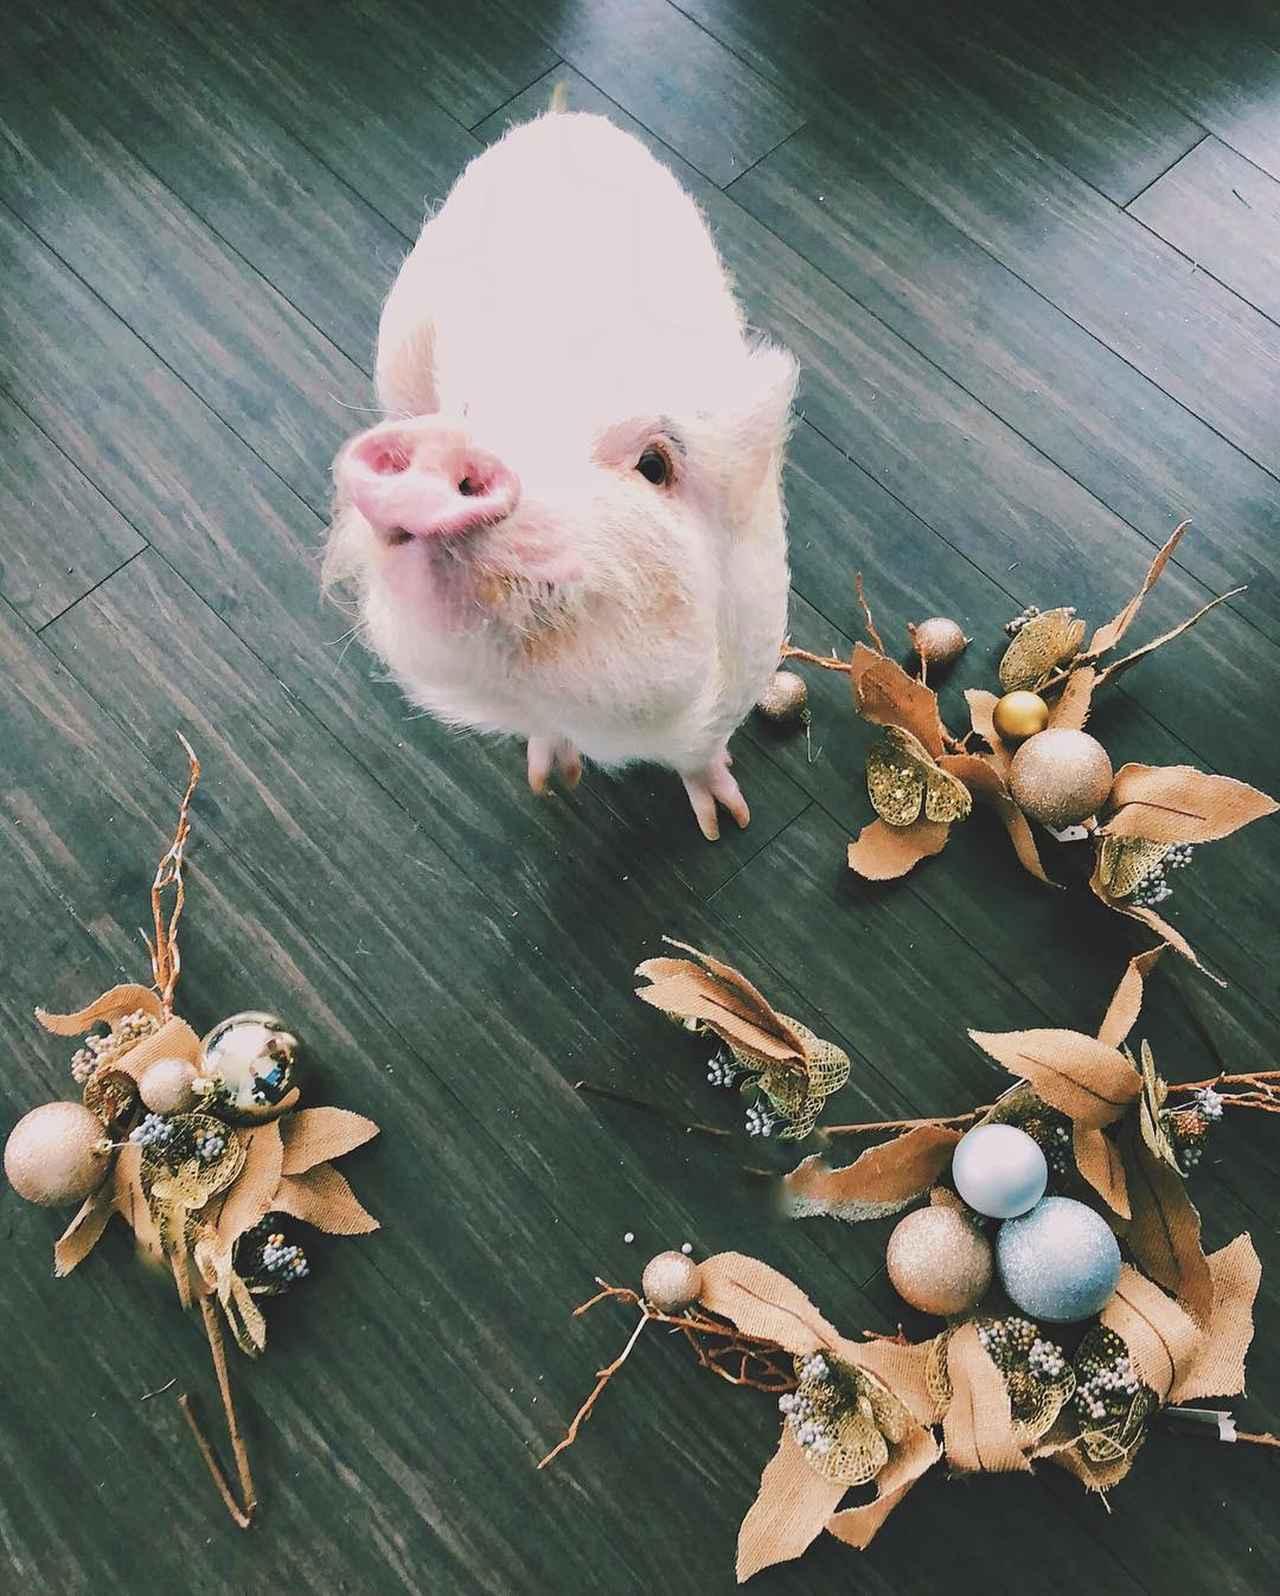 """画像1: ULTIMATE TRAVELING PIG on Instagram: """"Is the holiday over❓✨ #christopherthepig . . Est-ce que le temps des fêtes est terminé❓✨"""" www.instagram.com"""